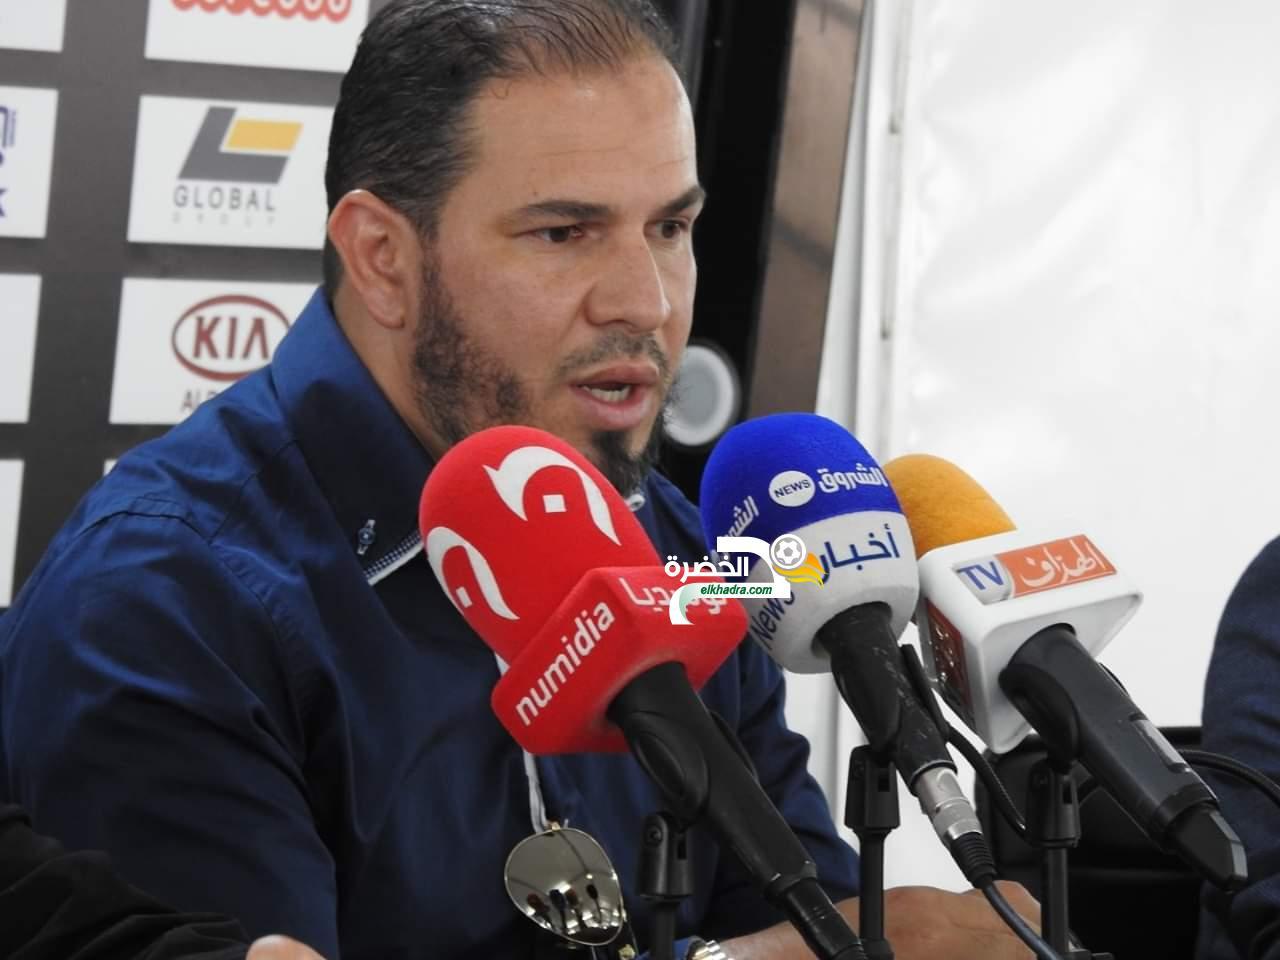 فهد حلفاية رئيسا جديدا للوفاق لمدة 4 سنوات 24